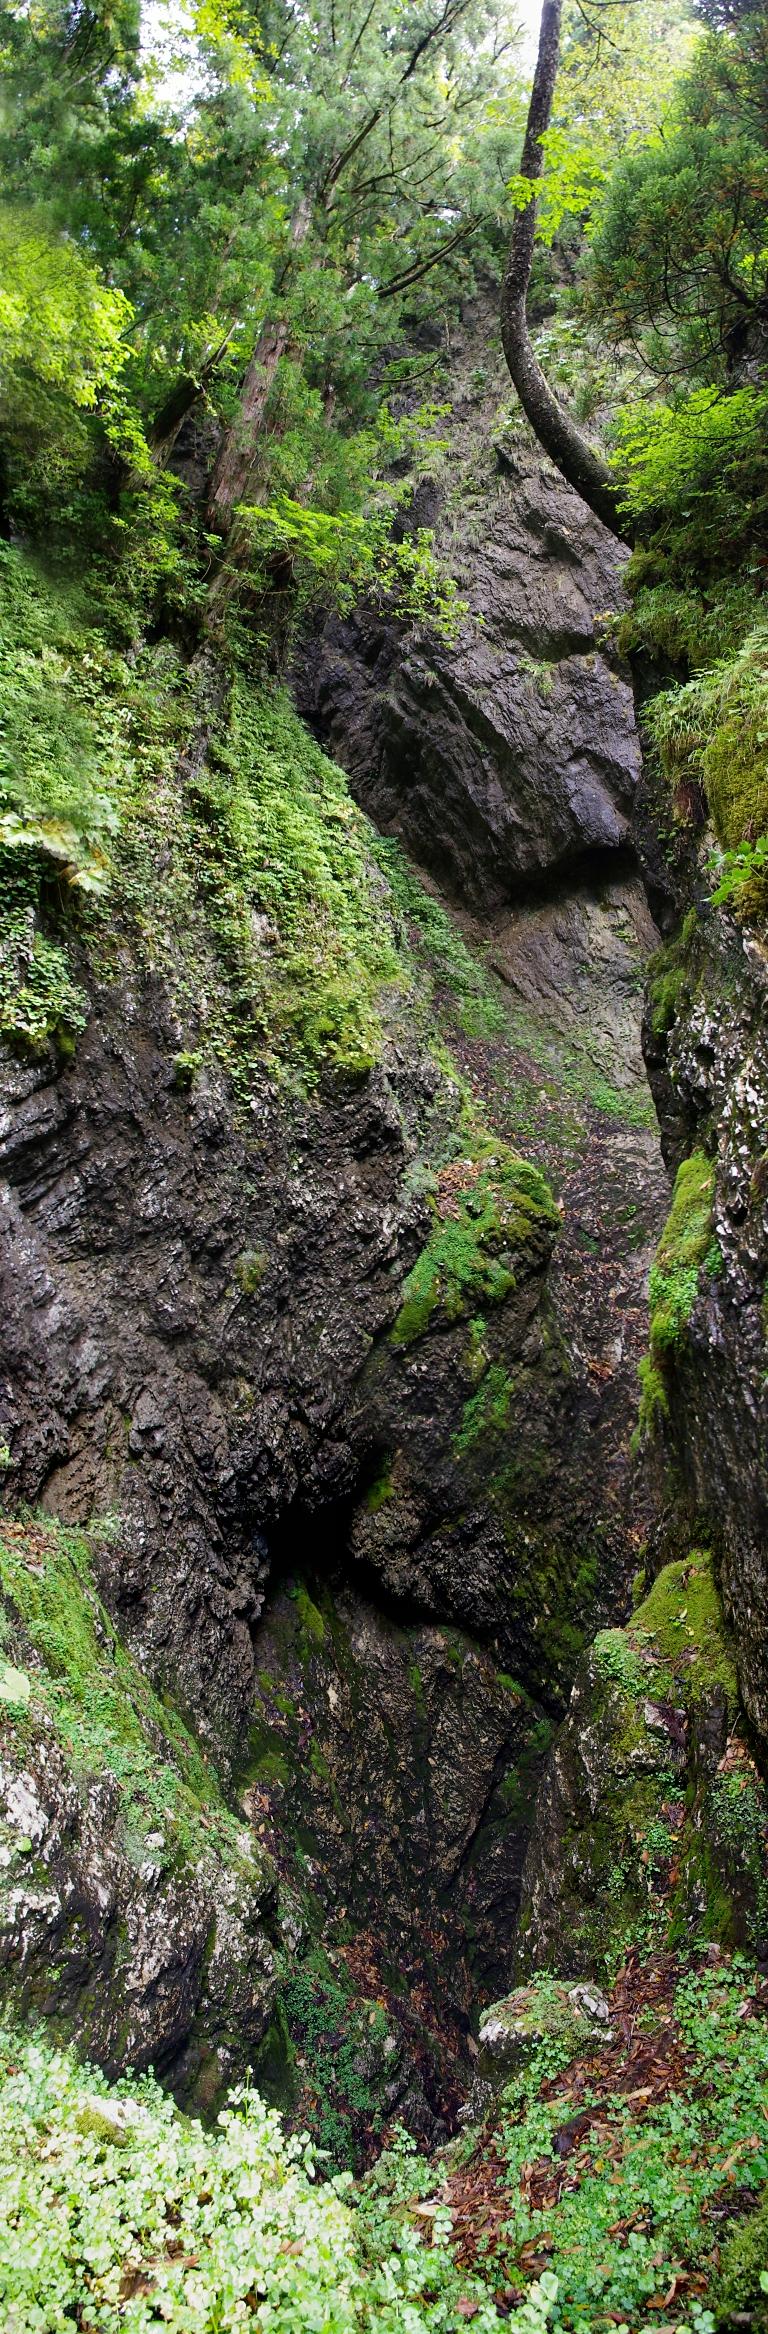 千里洞洞口上方の全景。 上からの沢ルンゼがそのまま洞内に繋がっている。 大雨が降ったら、まさに排水口と化すだろう。